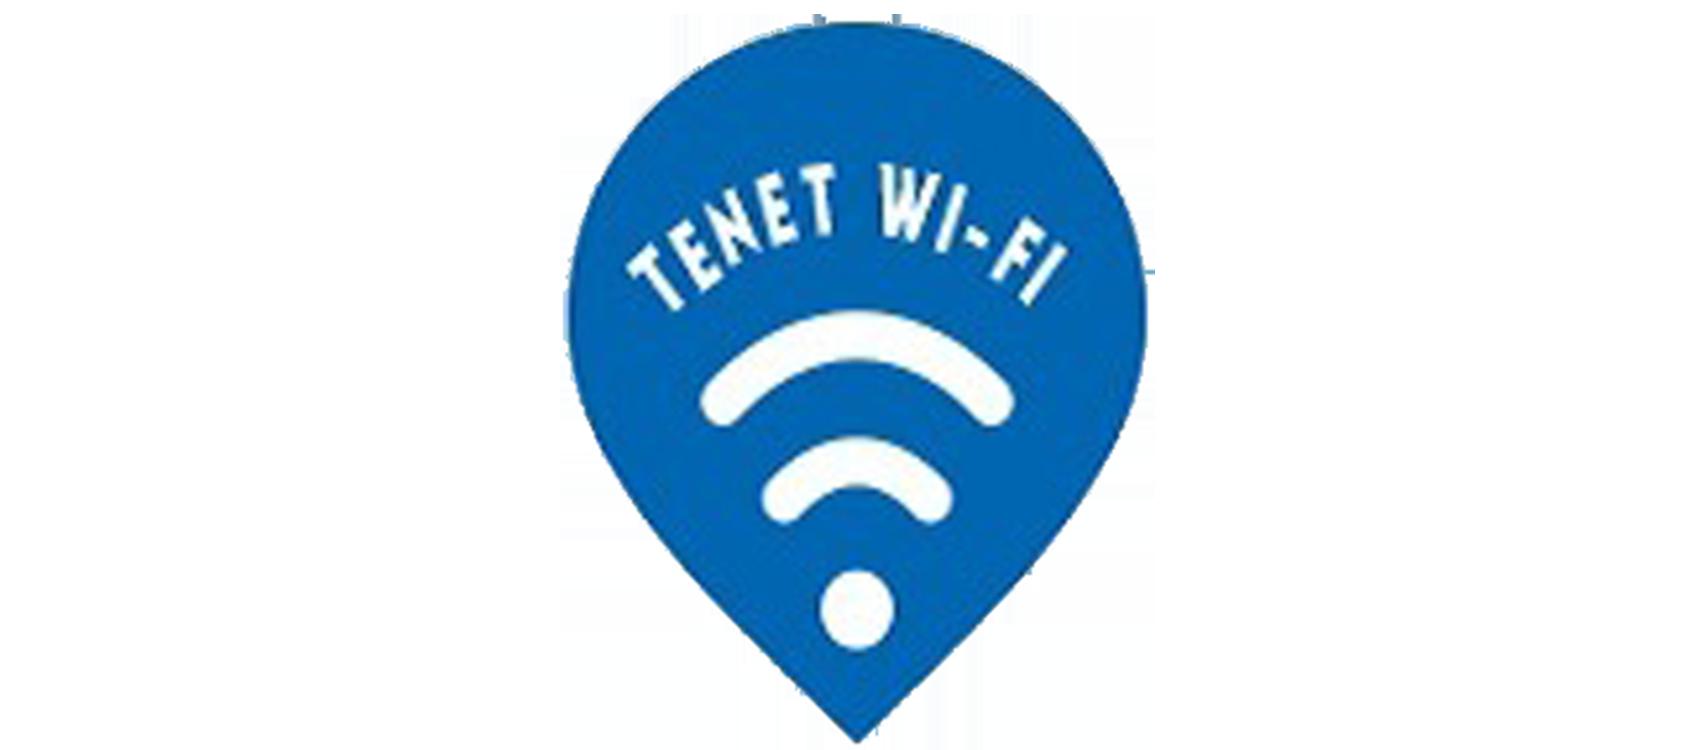 Tenet Wi-Fi - 10 часов  (Одесса) - 25 грн.